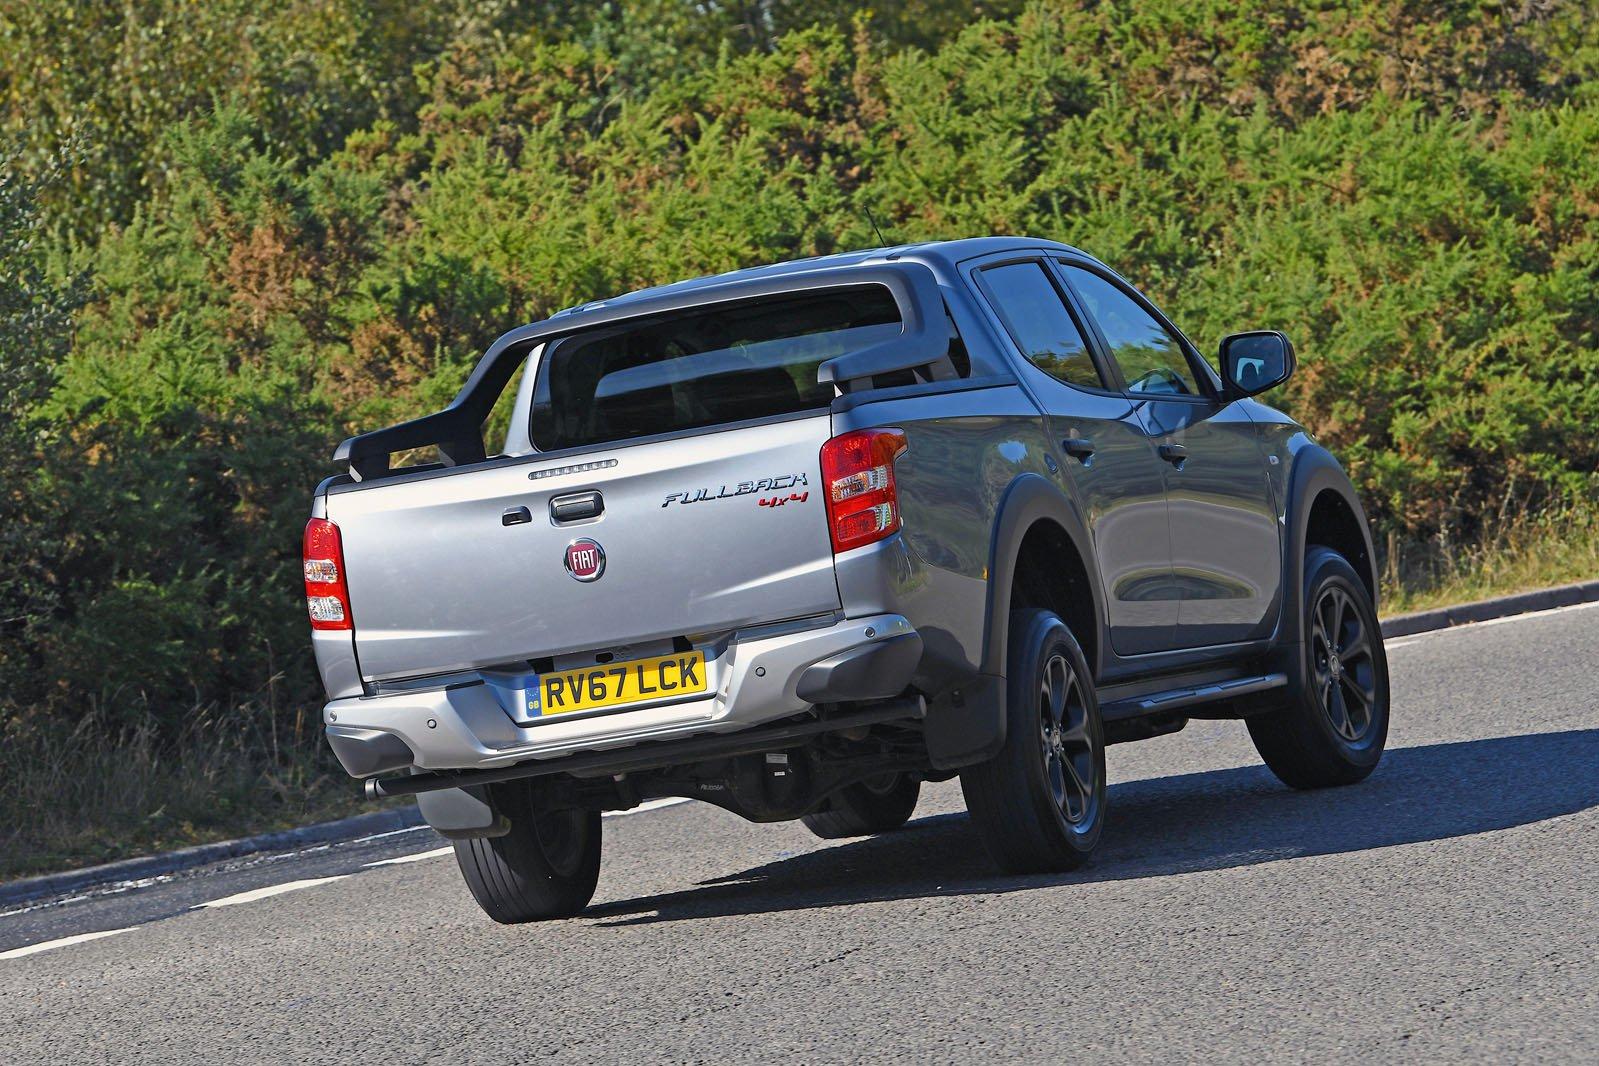 Fiat Fullback rear